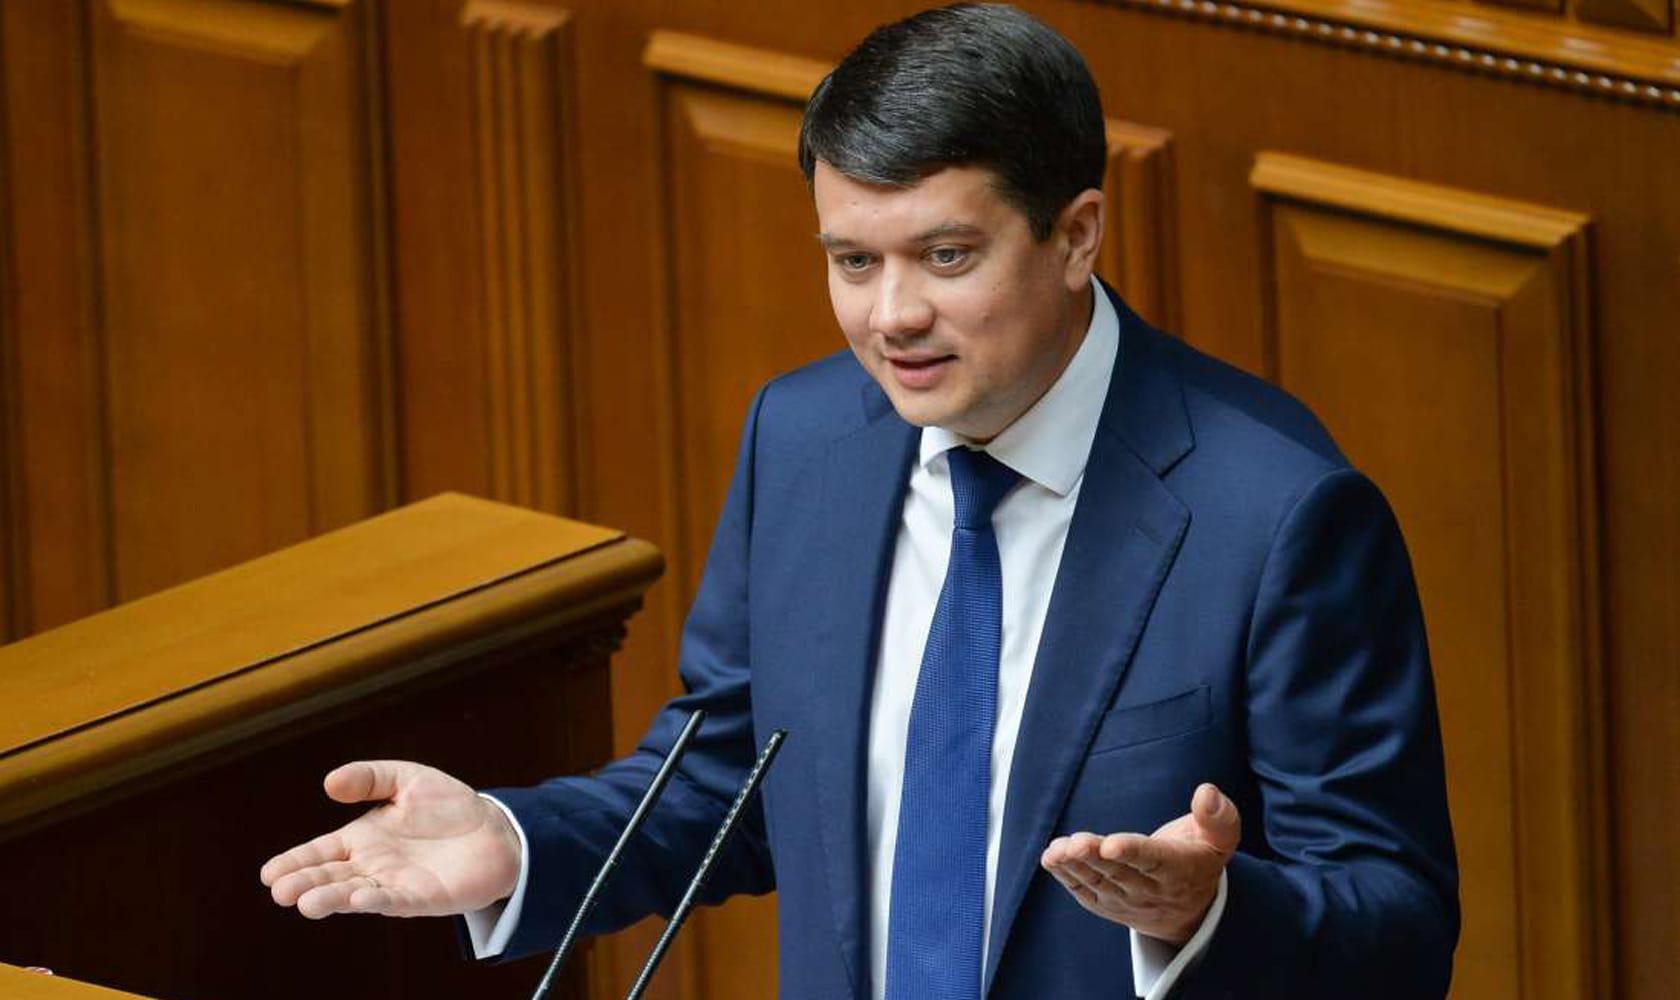 Дмитрий Разумков: Социальный лифт может тебя поднять, а потом ты найдешь  свой этаж или этаж найдет тебя